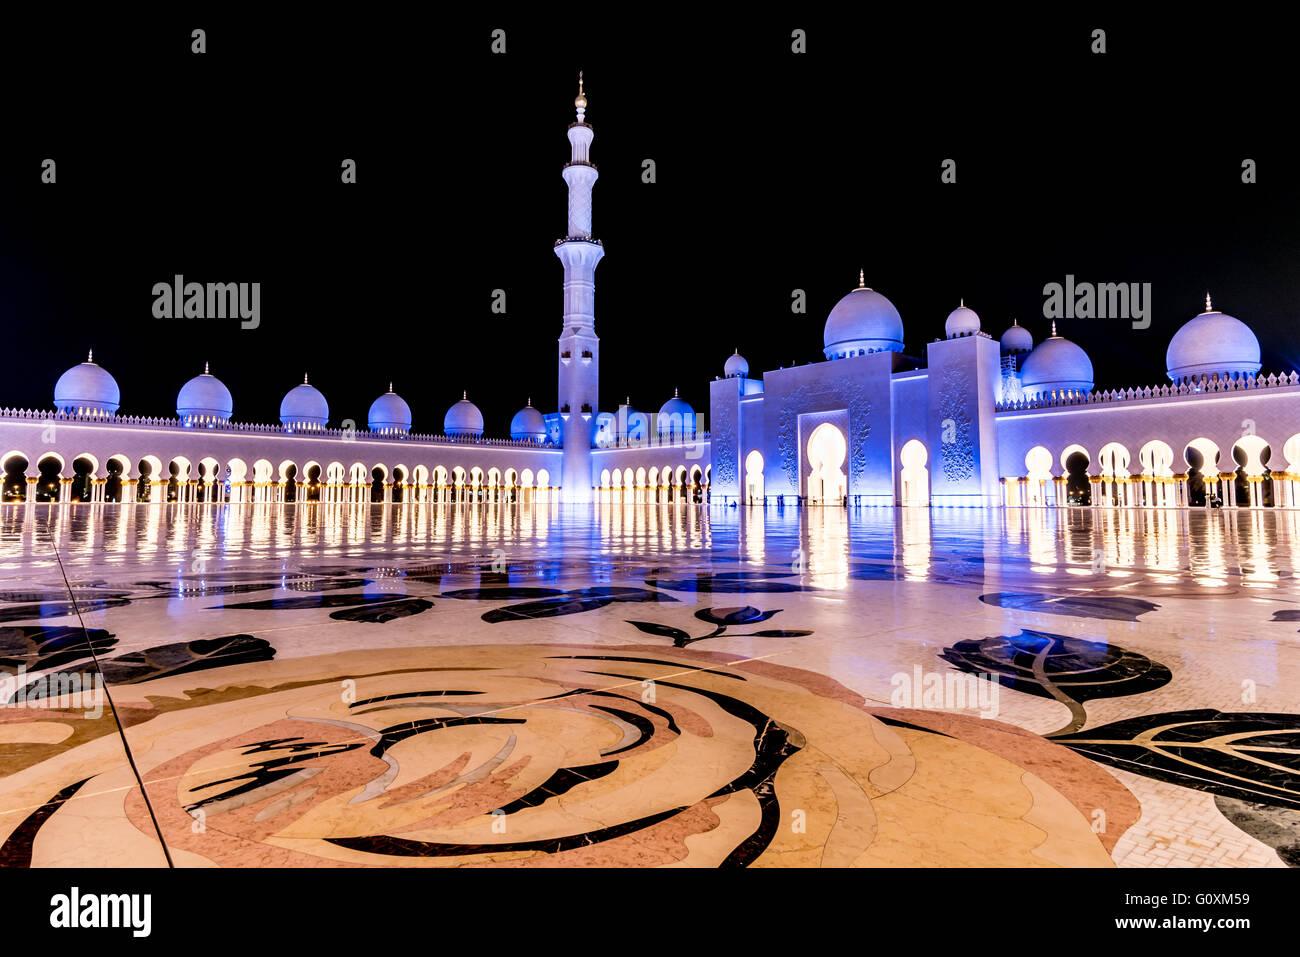 Zheikh-Zayid-Moschee in Abu Dhabi in der Nacht in ein blaues Licht getaucht Stockbild